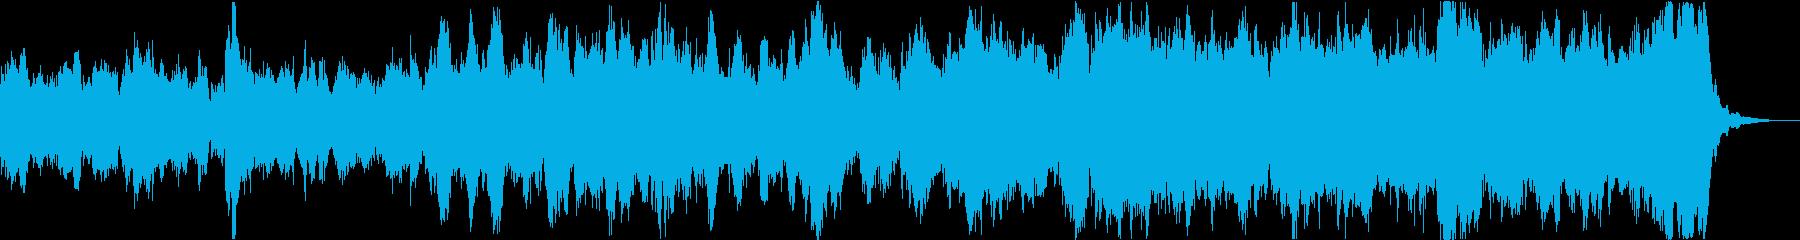 アフリカゾウ等のイメージに合うBGMの再生済みの波形